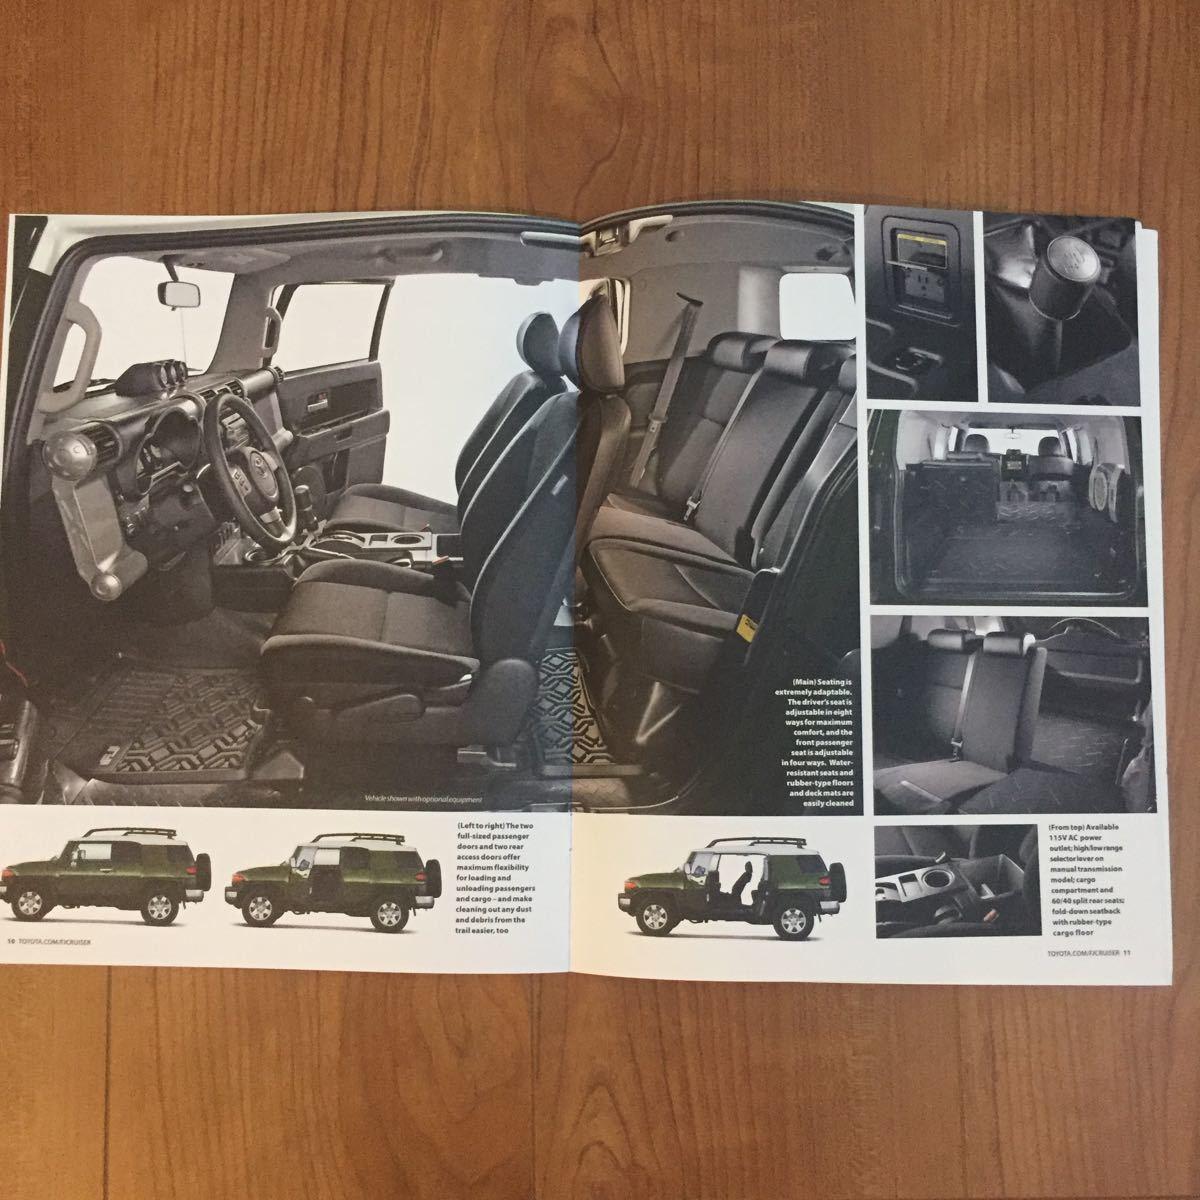 トヨタ FJ クルーザー 2010 カタログ US版_画像5